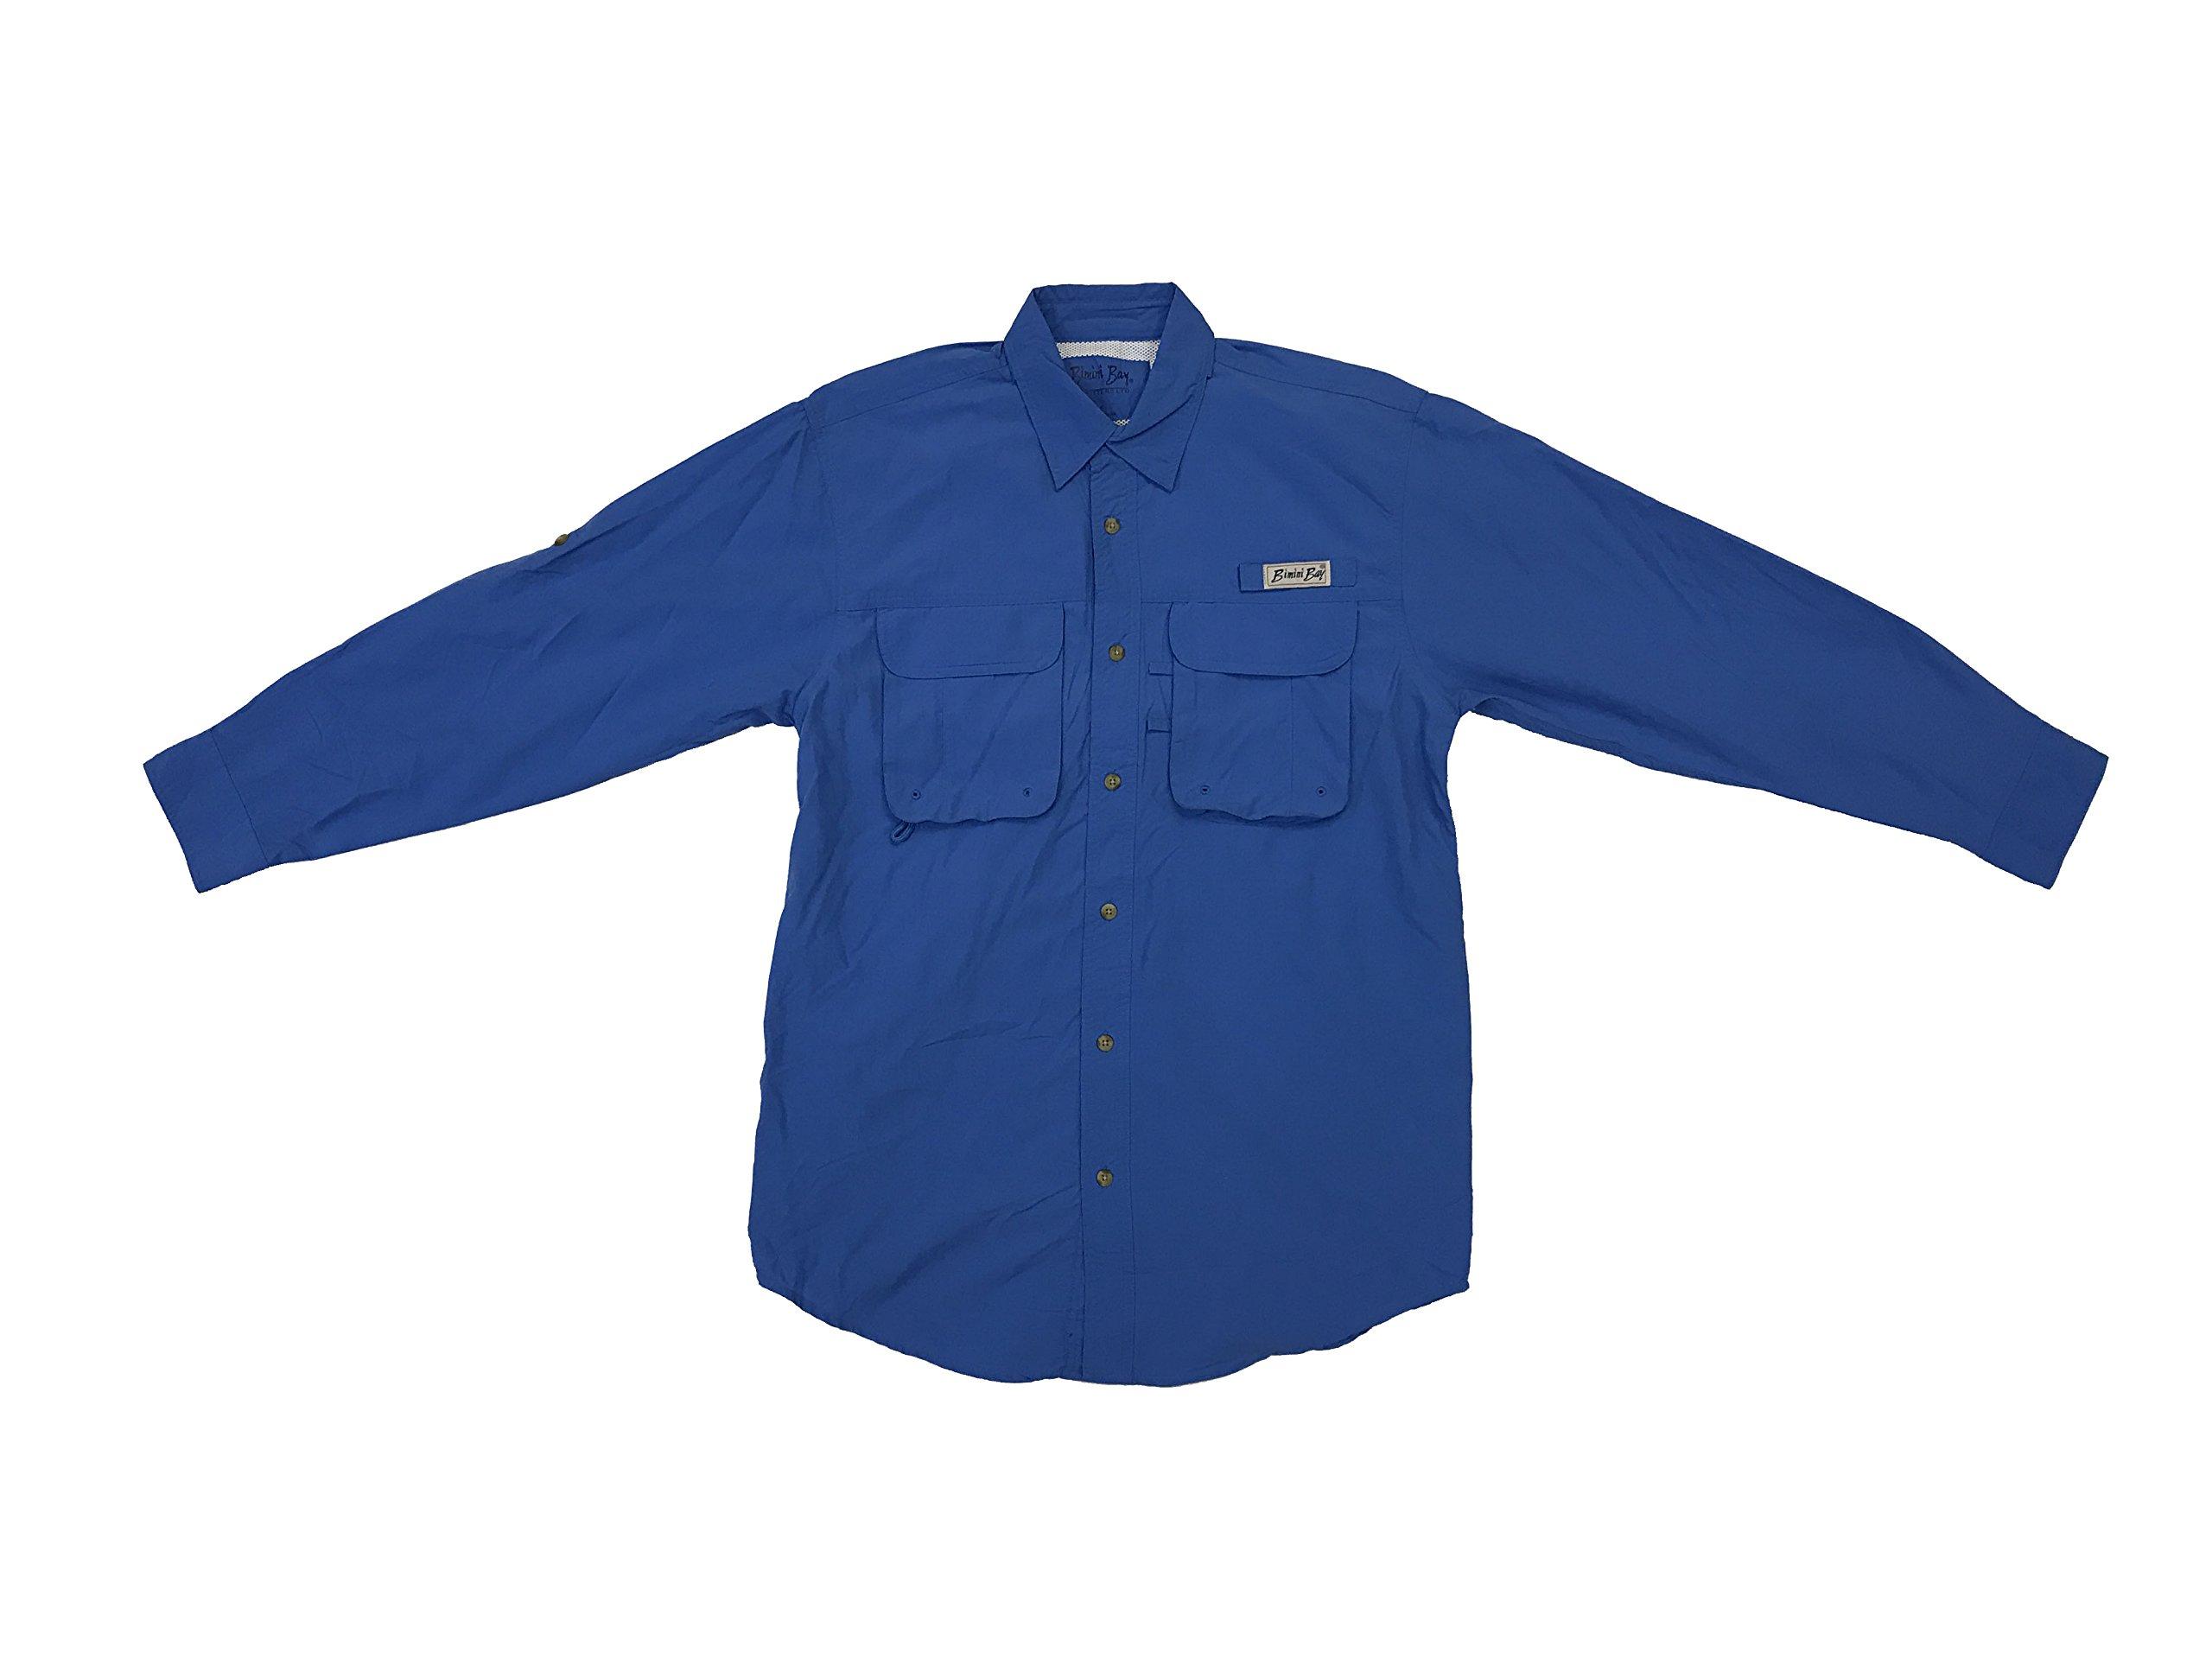 Bimini Bay Outfitters Bimini Flats III, Color: Bluewave, Size: S (21656-BLWV-S) by Bimini Bay Outfitters